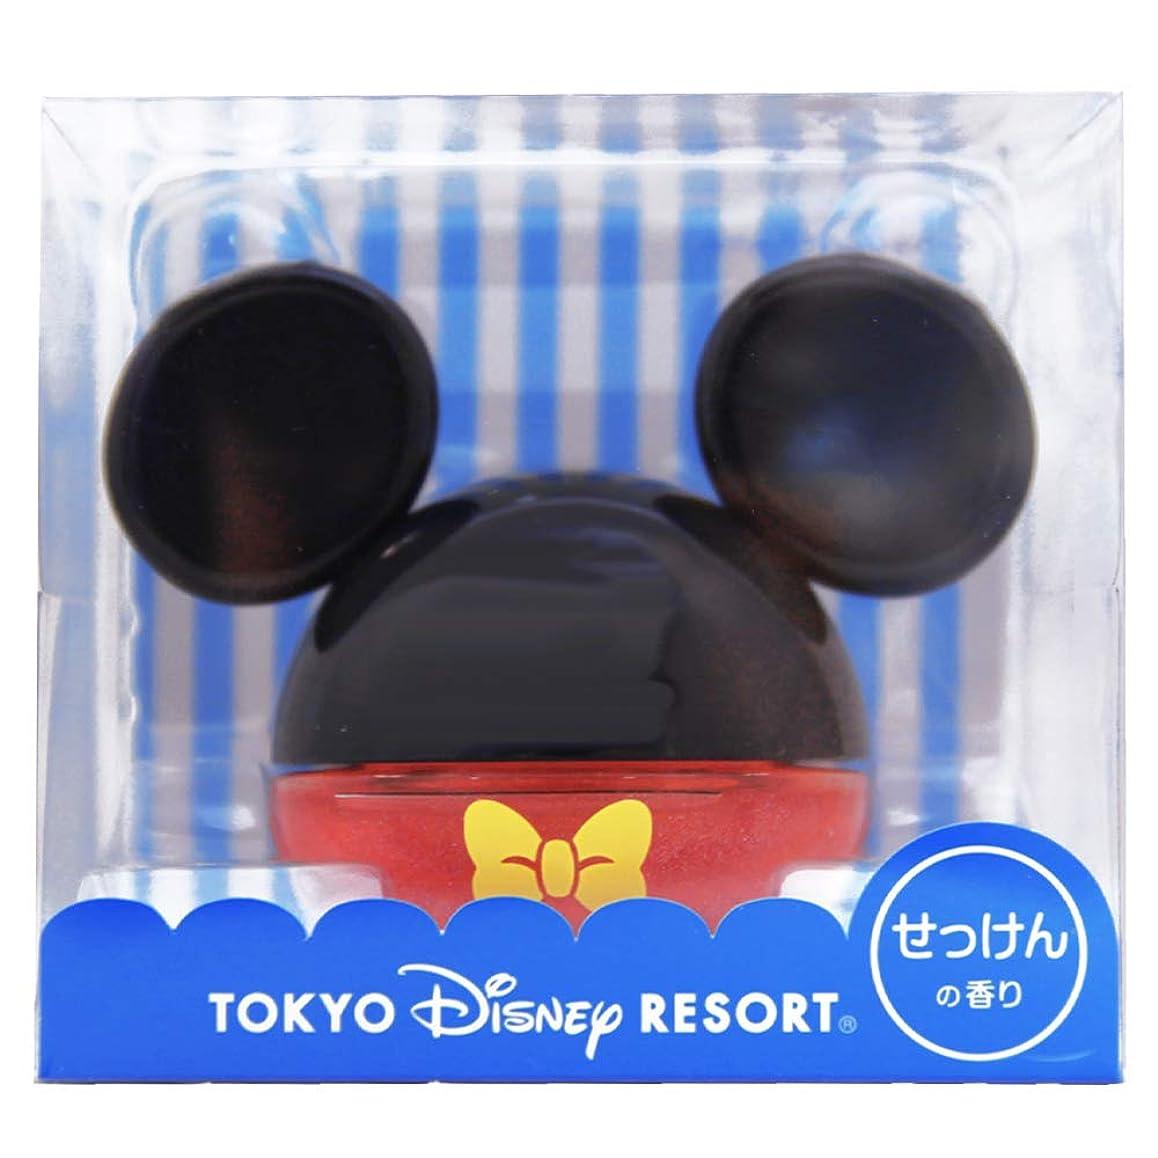 満員世界的に単語ルームフレグランスジェル ( ミッキー マウス ) せっけんの香り 芳香剤 部屋 ルーム フレグランス ジェル ( ディズニー リゾート限定 お土産 )